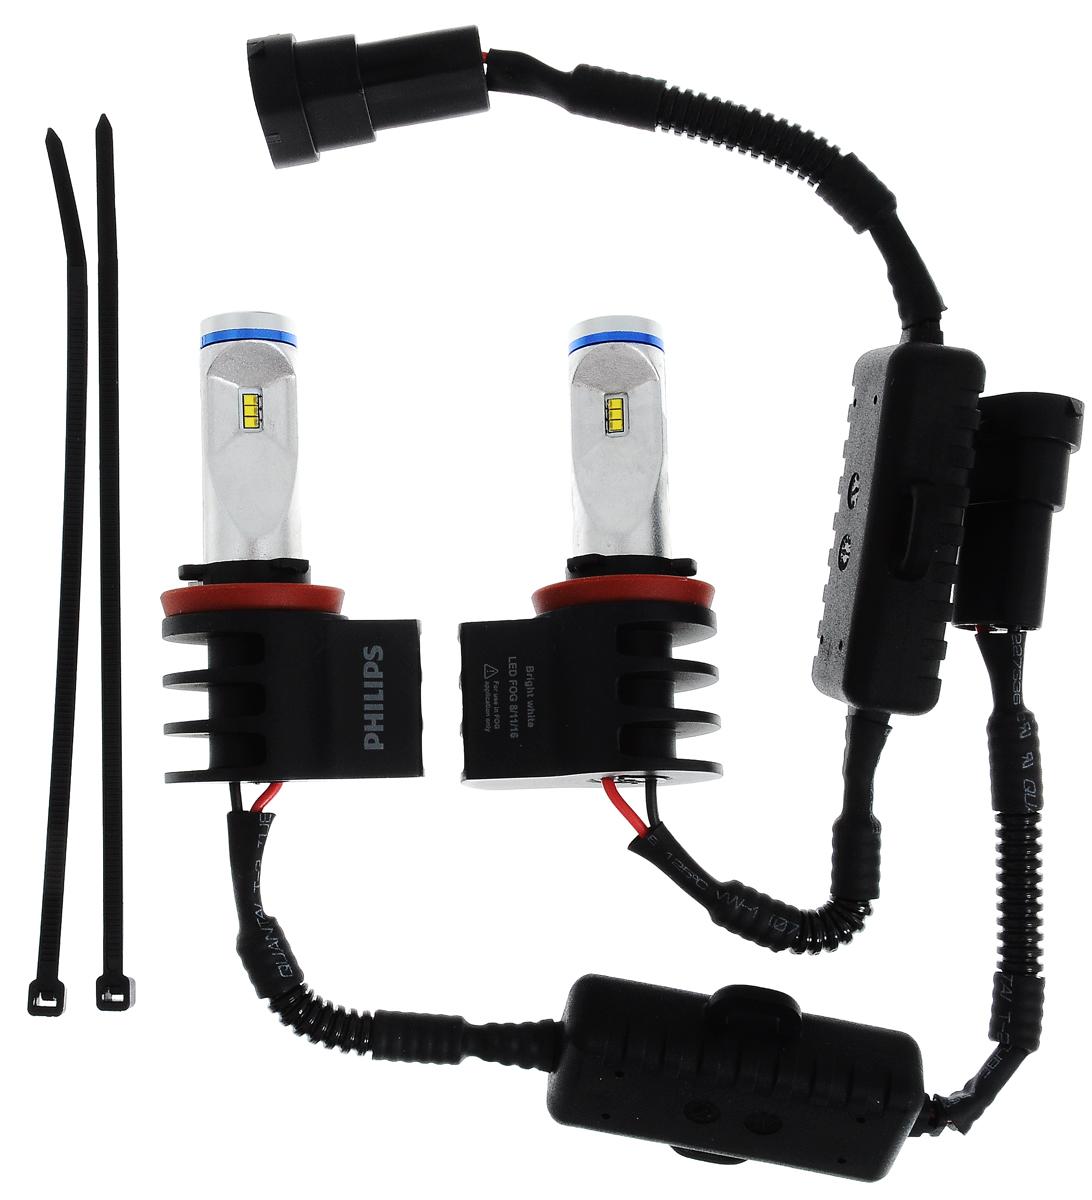 Лампа автомобильная светодиодная Philips LED Fog, противотуманная, цоколь H8/H11/H16, 12V, 9,3W, 2 шт12834UNIX2Противотуманная лампа Philips LED Fog состоит из 3-х светодиодных элементов, расположенных в форме нити накаливания, горелки специальной конструкции для быстрого охлаждения, а также радиатора, рассеивающего тепло для постоянного охлаждения светодиодов. Технология отвода тепла AirFlux обеспечивает максимальное охлаждение светодиодов и продлевает срок службы лампы. Мощный яркий белый свет 6000 К гарантирует идеальное совпадение по цветовой температуре с ксеноновыми и светодиодными лампами головного освещения. Запатентованная технология SaferBeam и уникальная конструкция светодиодной лампы формируют правильный пучок света, который не слепит встречных водителей и обеспечивает до 45% больше света на дороге, чем при использовании стандартных галогенных ламп. Срок эксплуатации Philips LED Fog составляет 12 лет, что равноценно сроку эксплуатации автомобиля. Благодаря универсальному дизайну и лёгкости в установке, светодиодные лампы Philips LED Fog идеально...